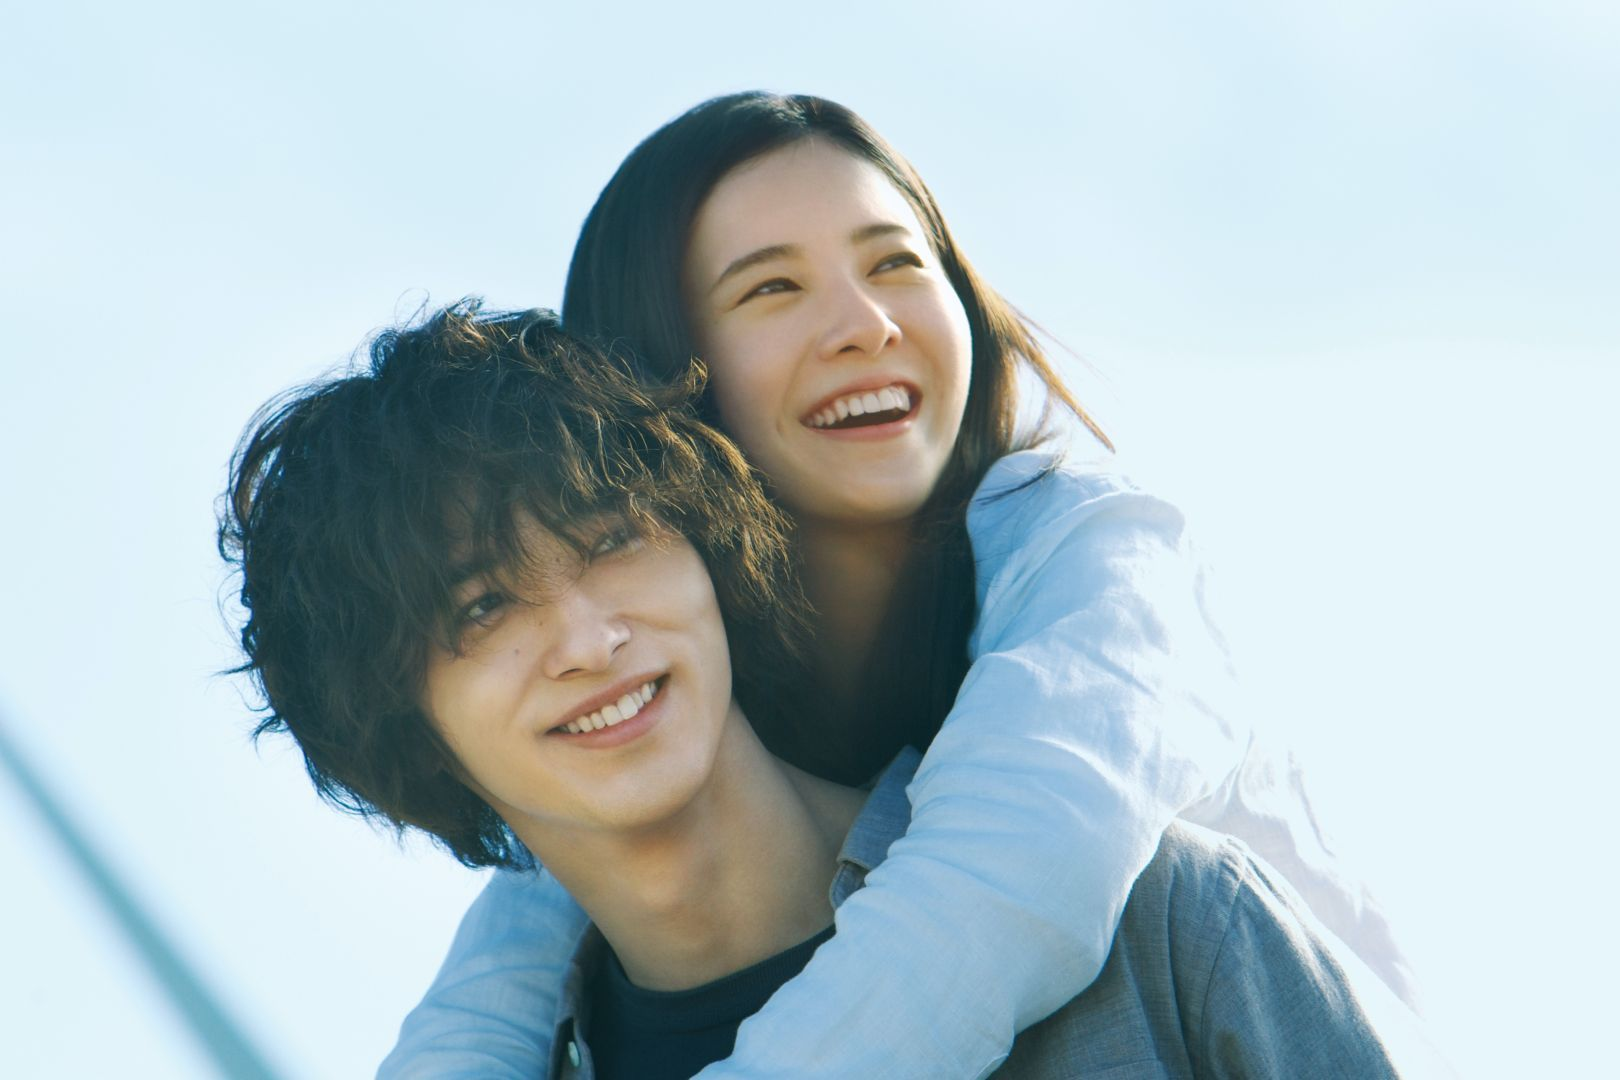 《想见你的爱》吉高由里子与横滨流星两人相差八岁擦出爱的火花